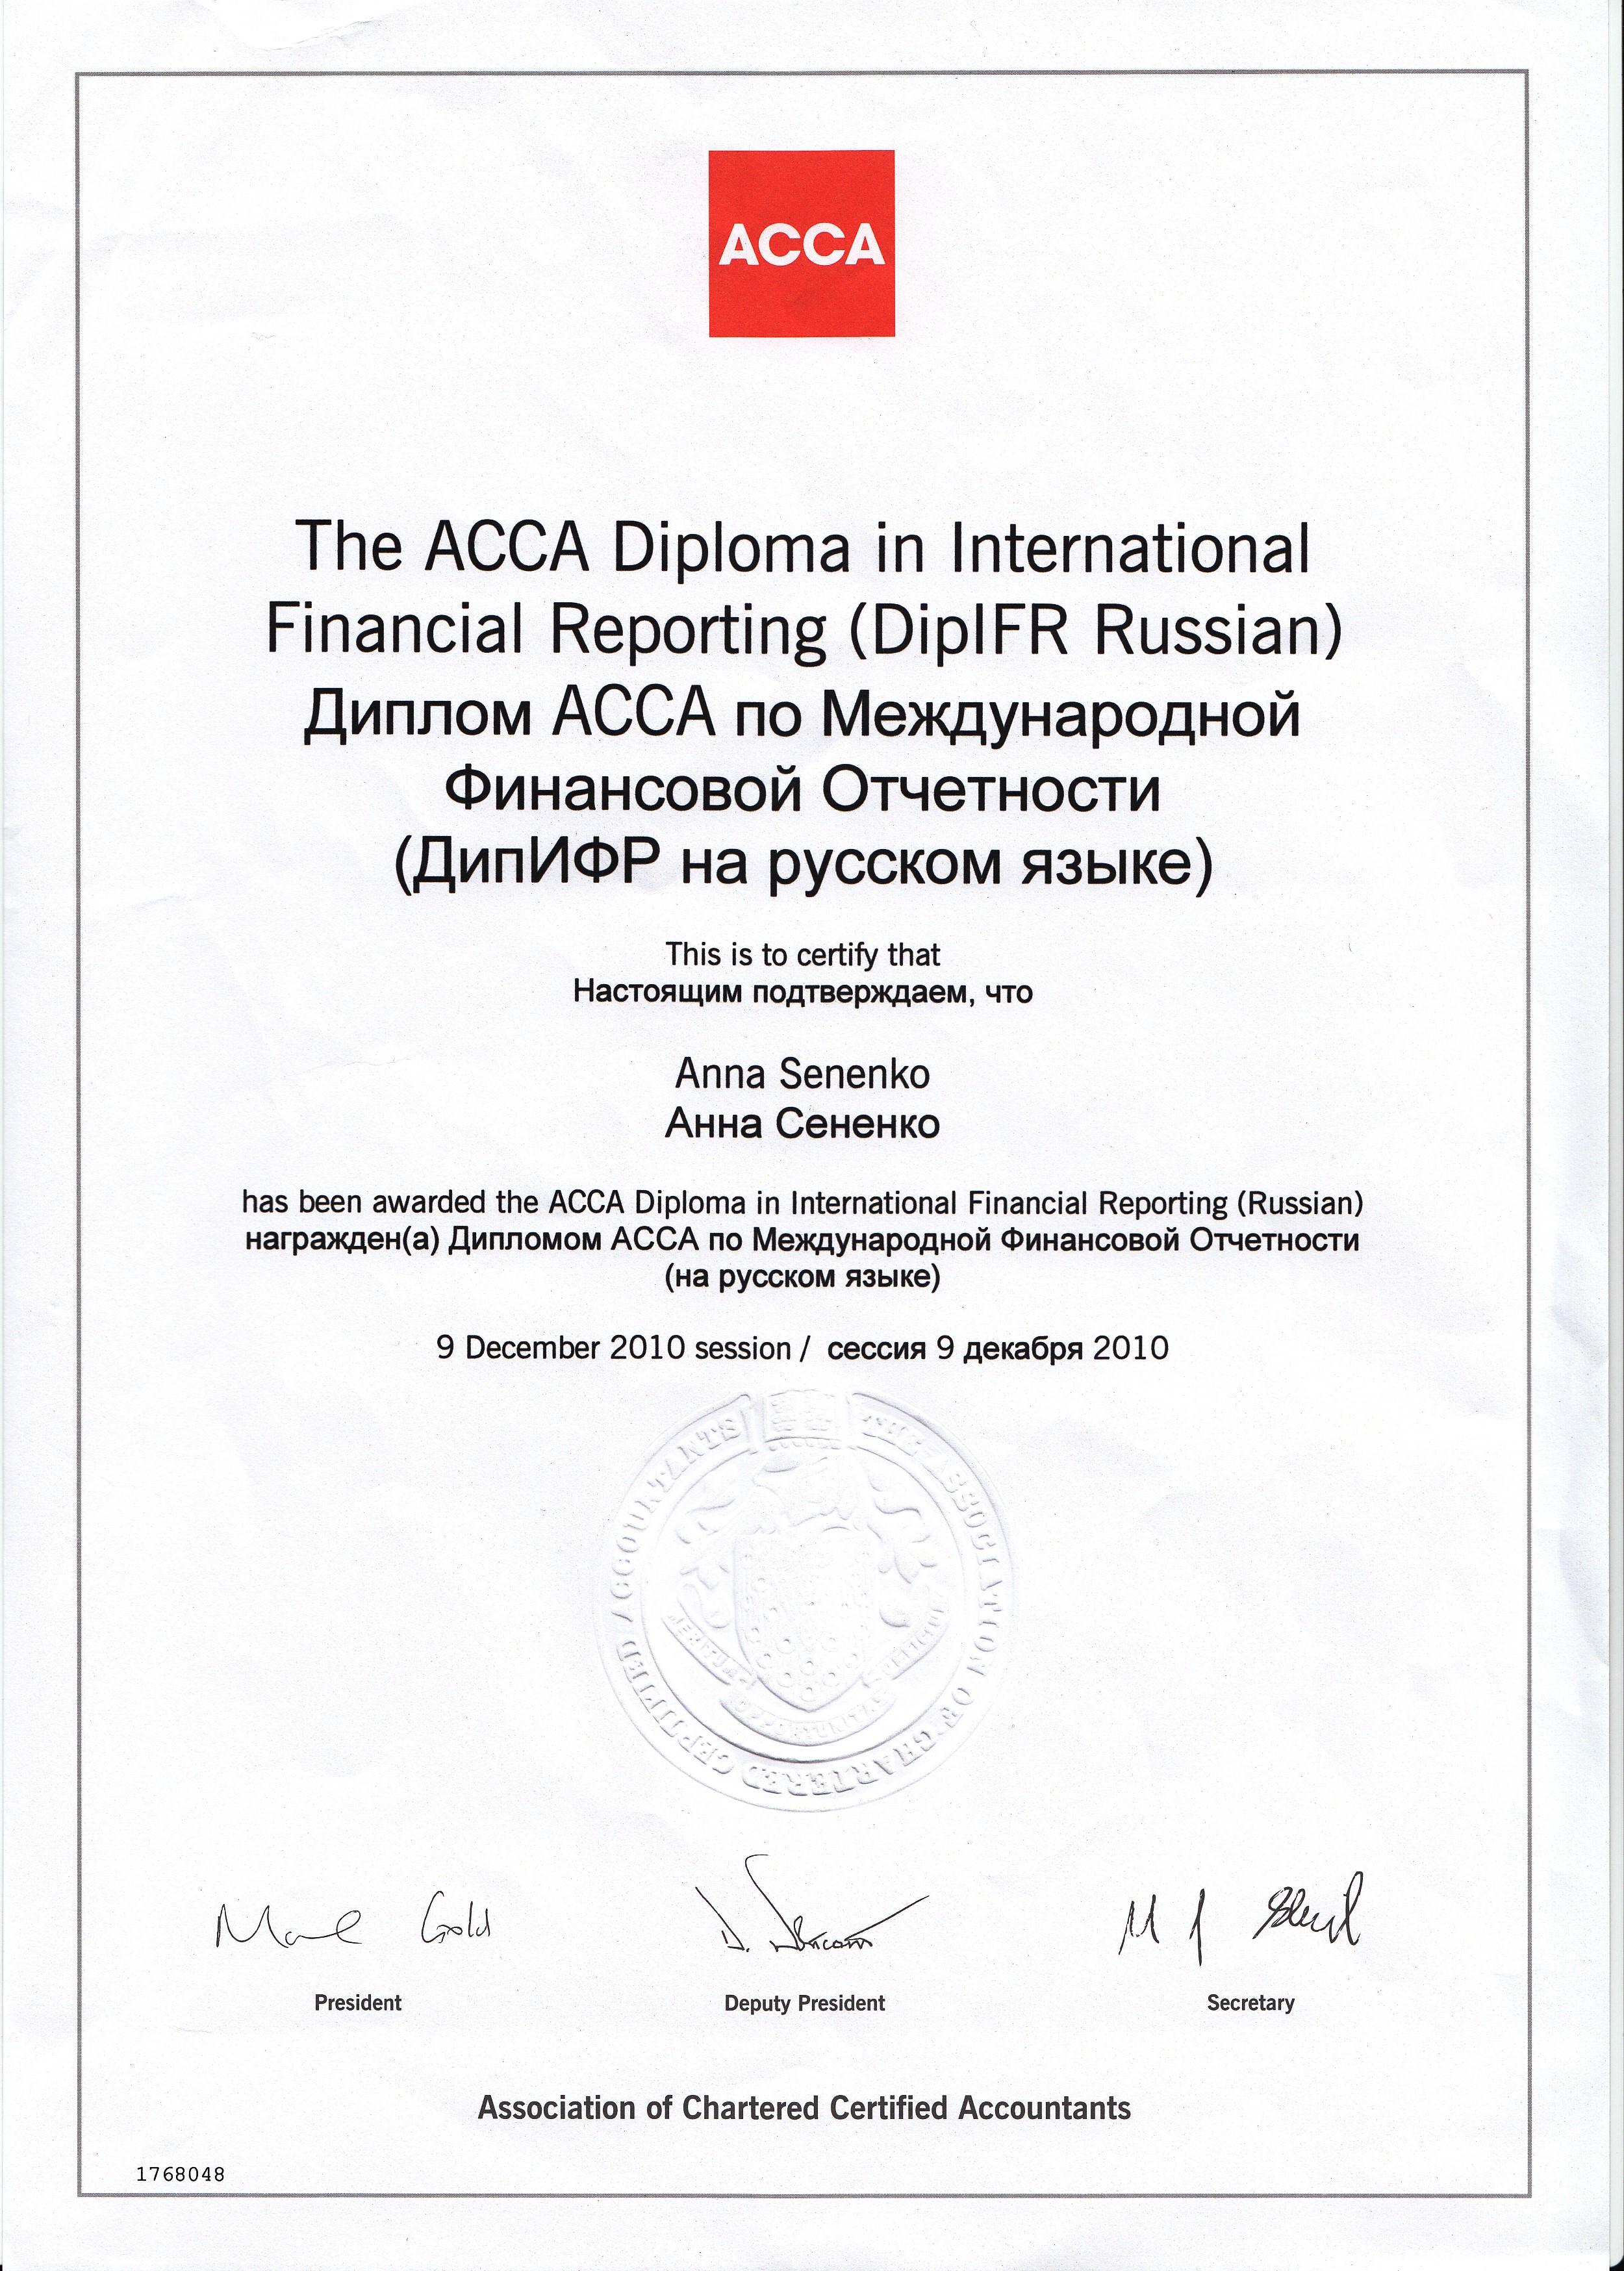 Diplom_ACCA DipIFR Russian_ Senenko